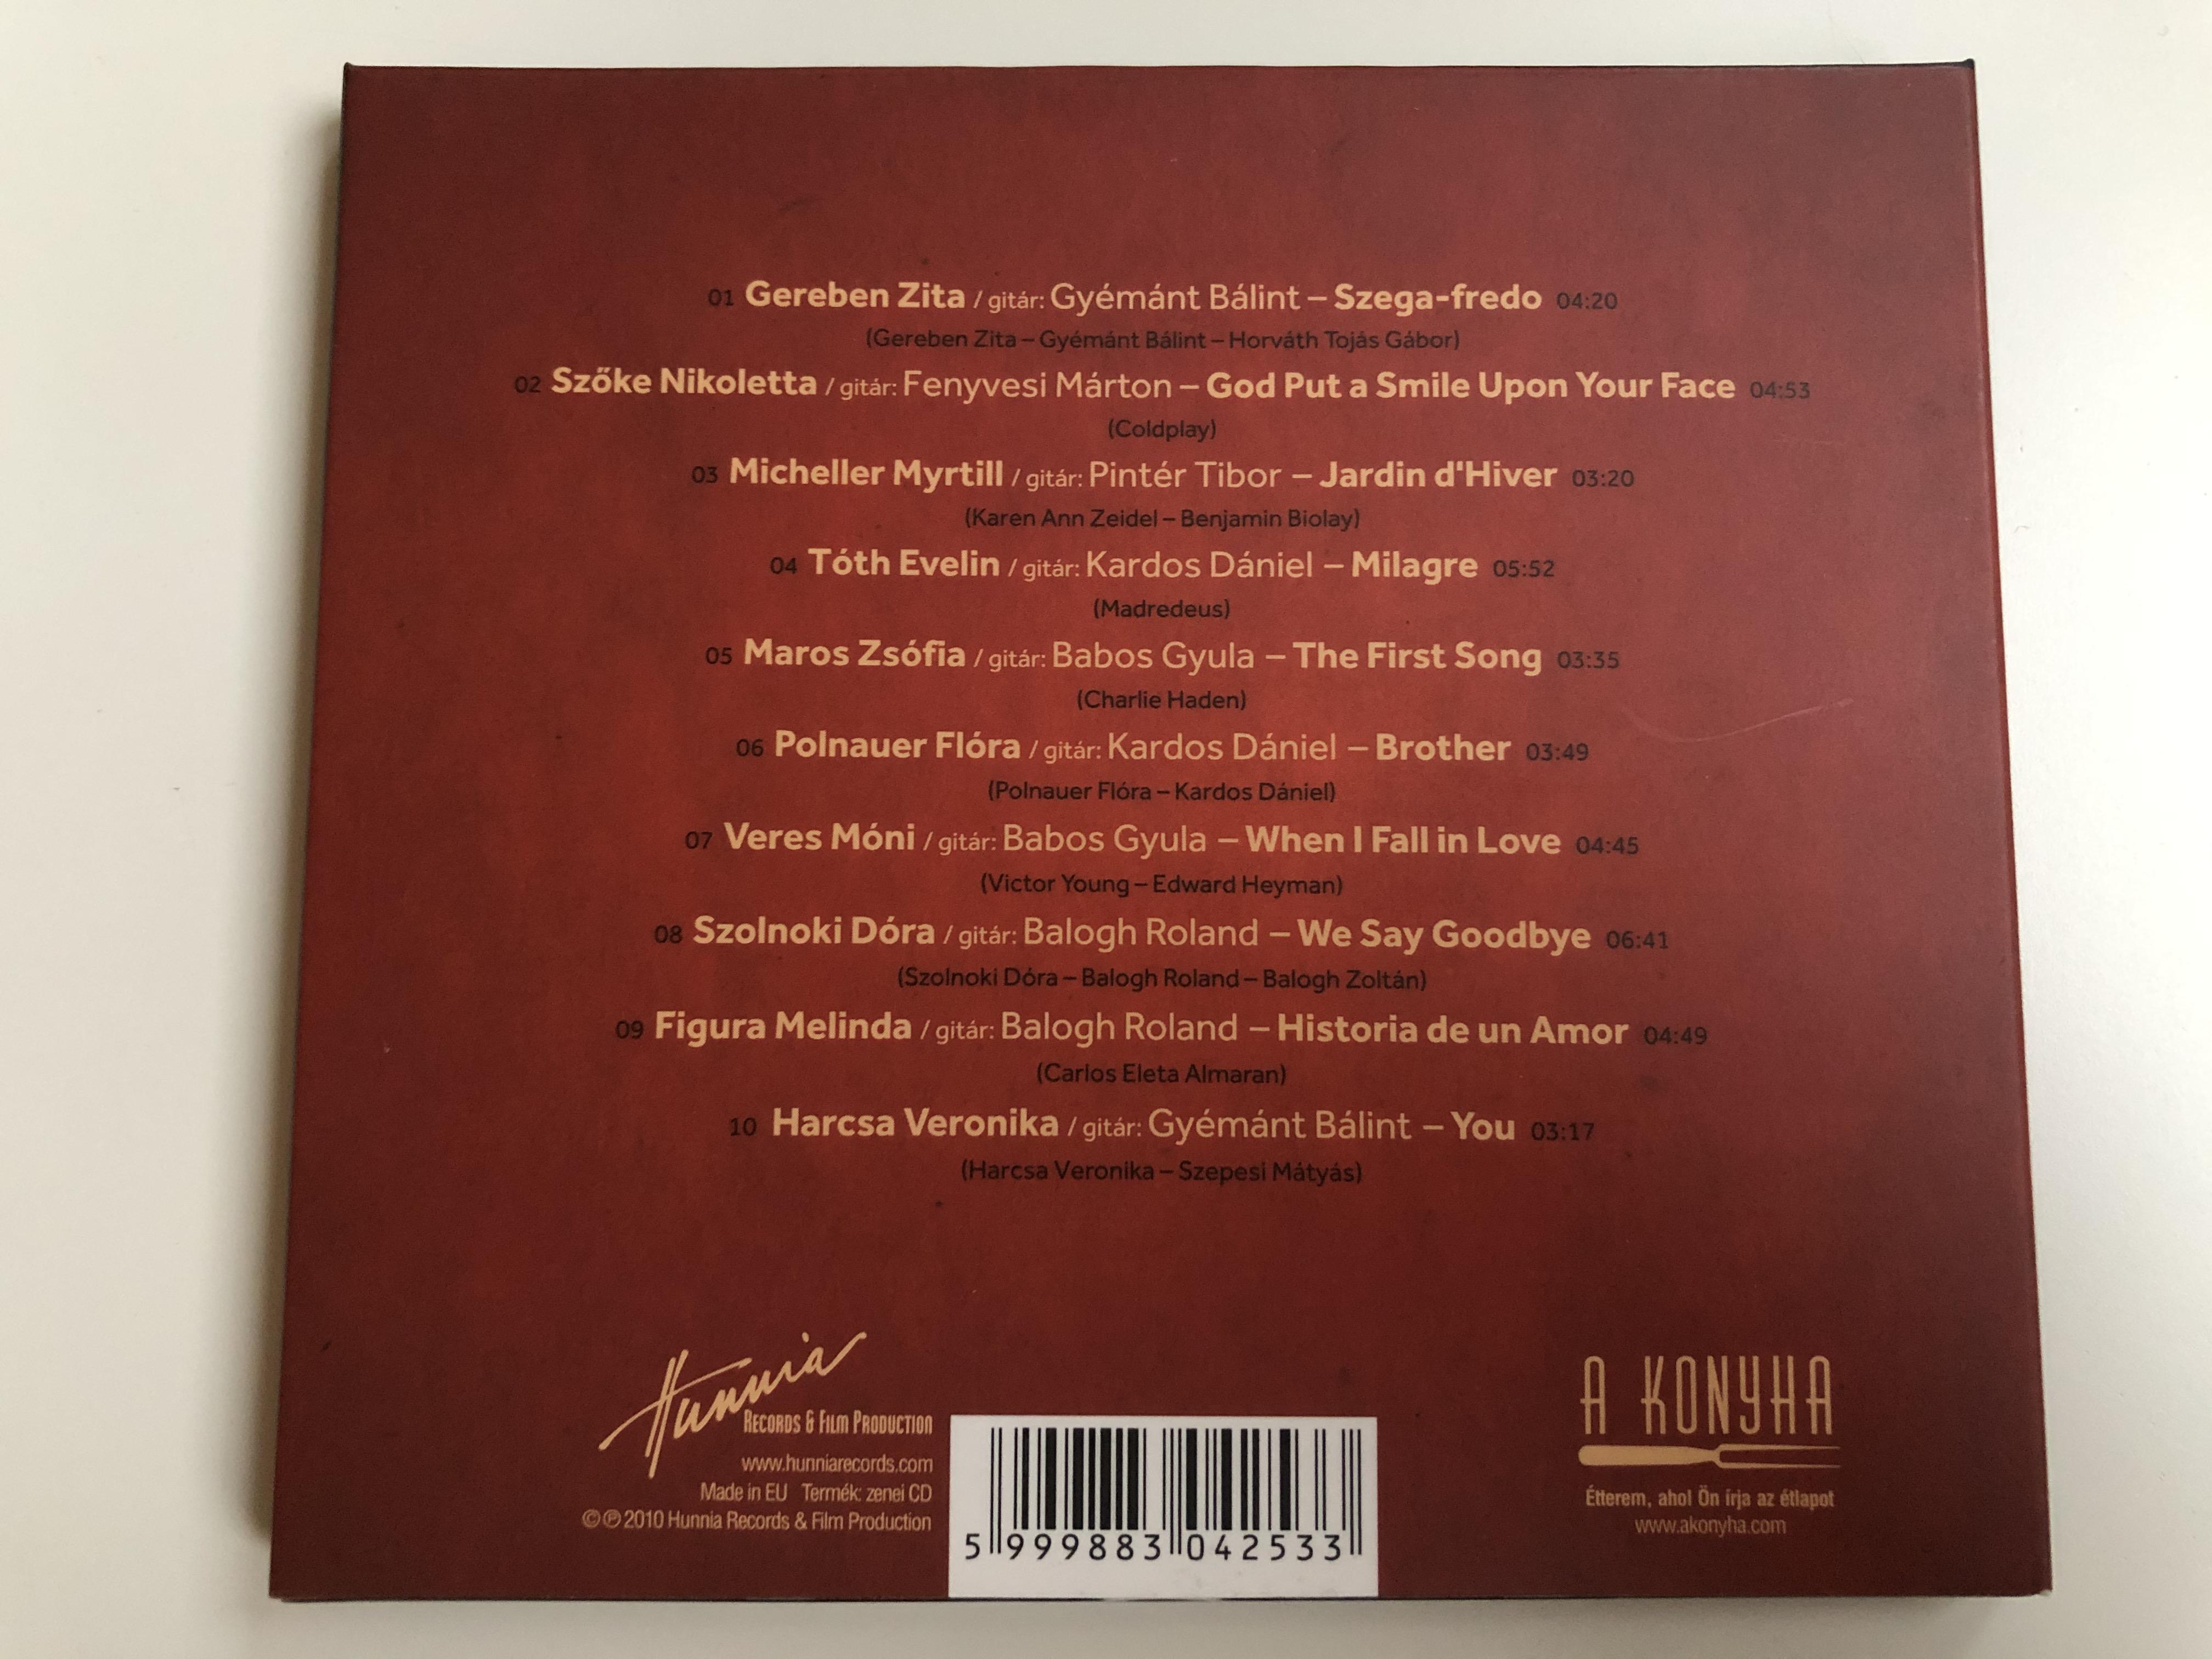 d-v-k-a-konyh-ban-hunnia-records-film-production-audio-cd-2010-hrcd-1009-5-.jpg